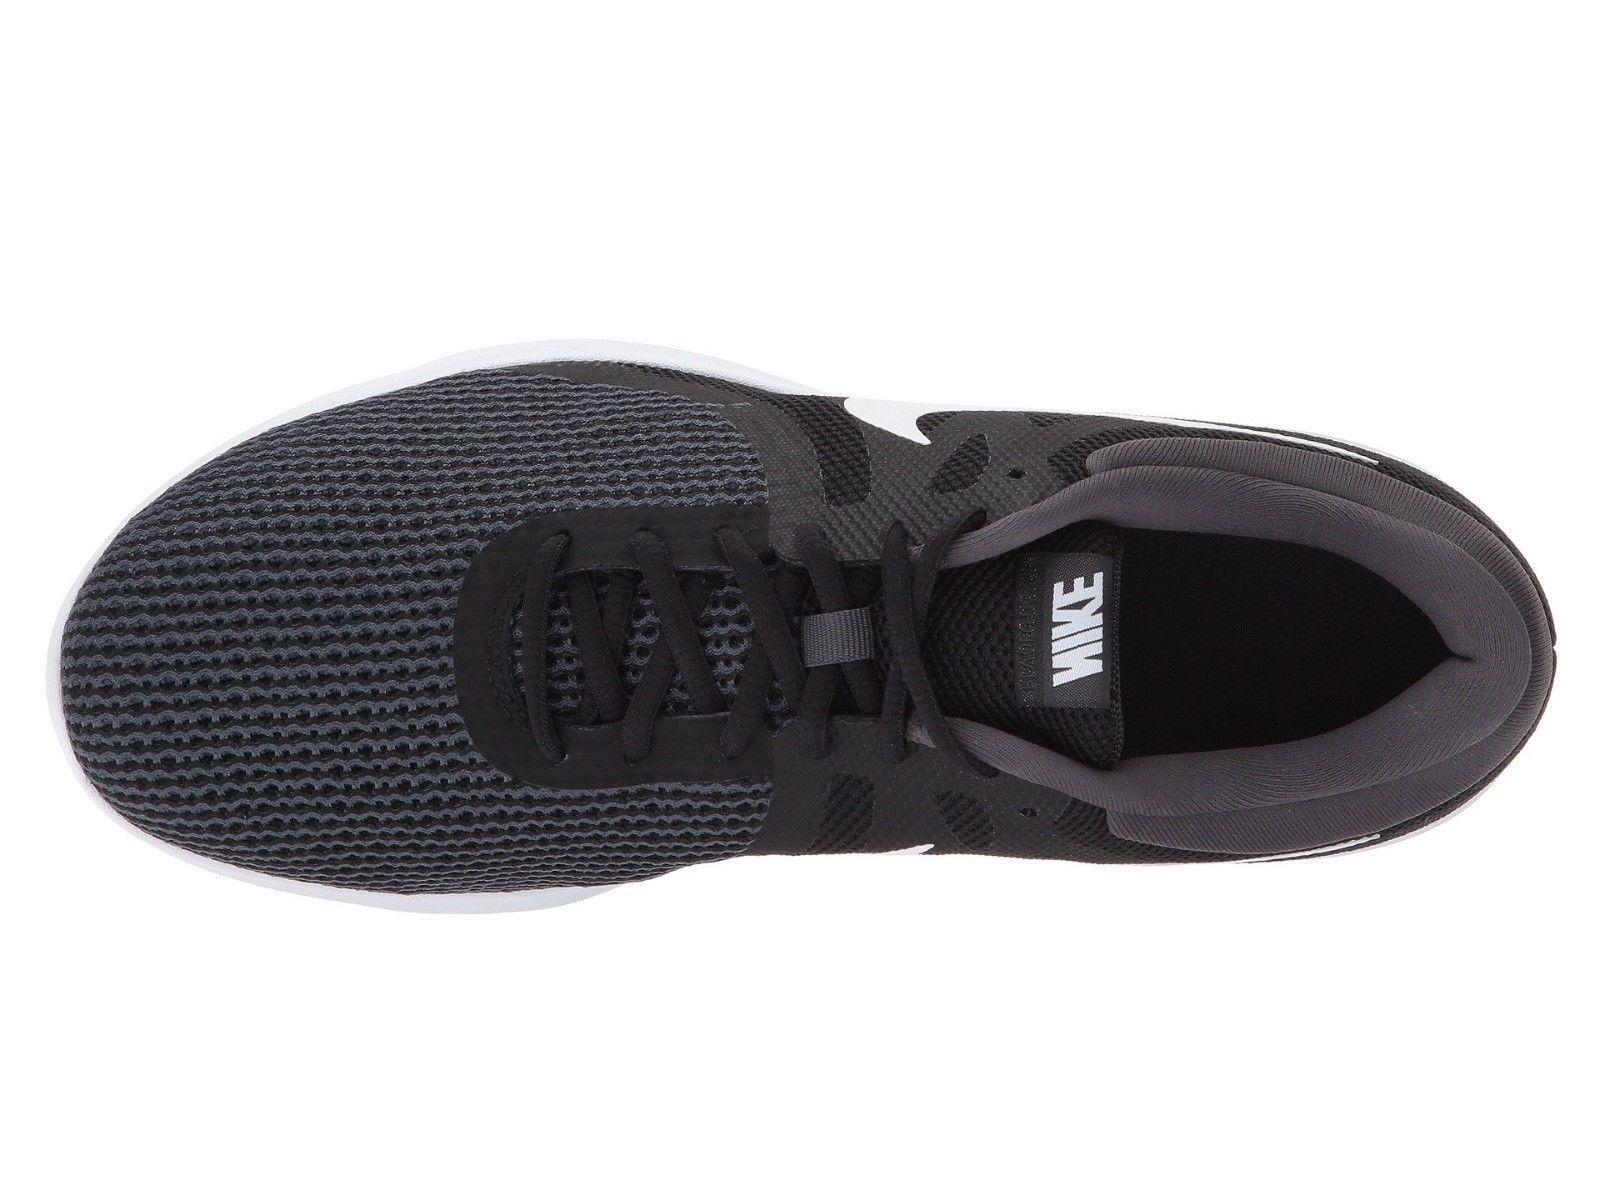 Nike Men's Revolution Running Shoes Black